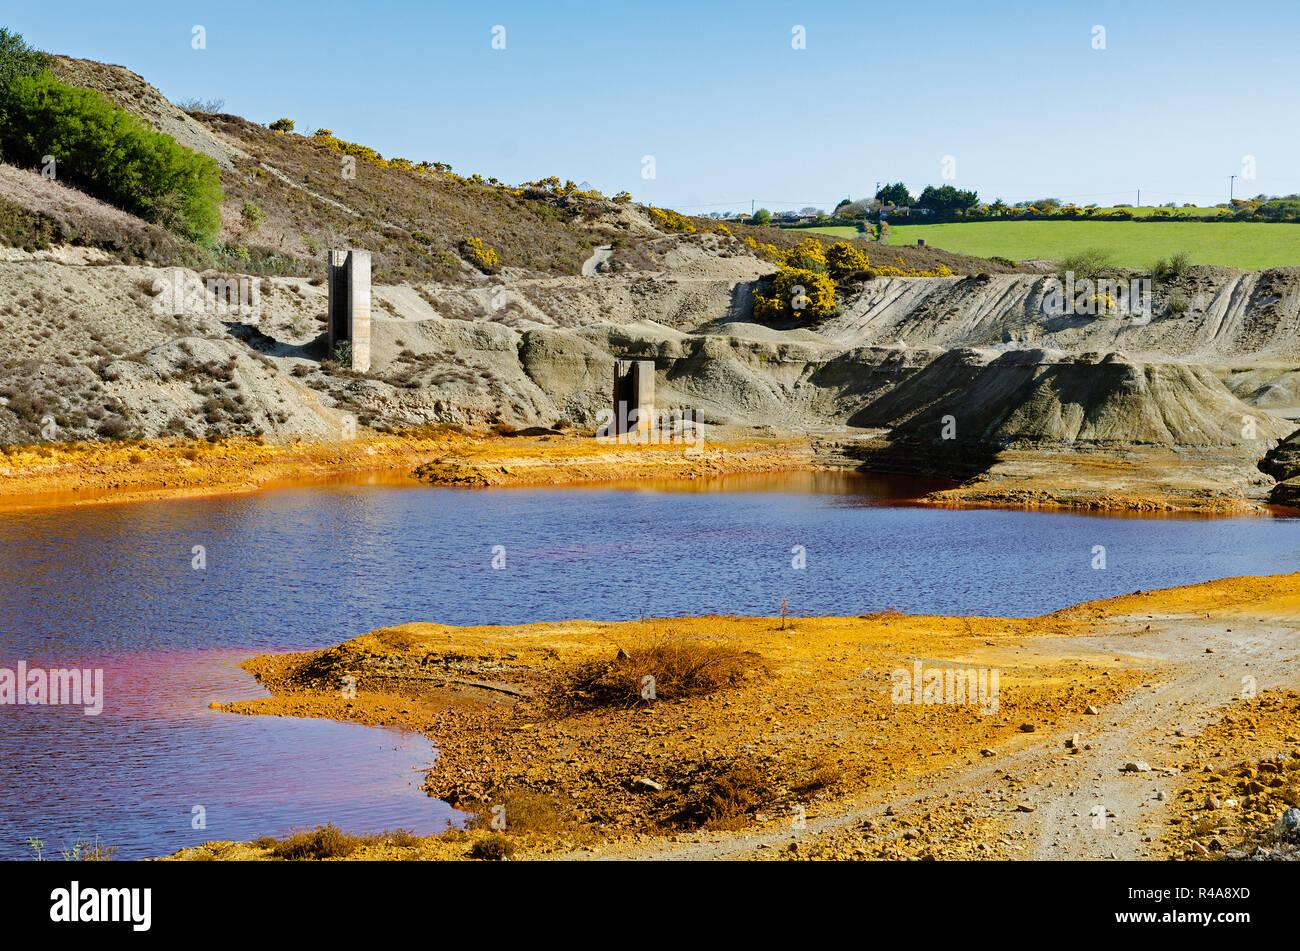 La pollution industrielle, les terres polluées et l'eau de l'ancienne mine d'étain près de st.24 à Cornwall, Angleterre, Grande-Bretagne, Royaume-Uni. Banque D'Images